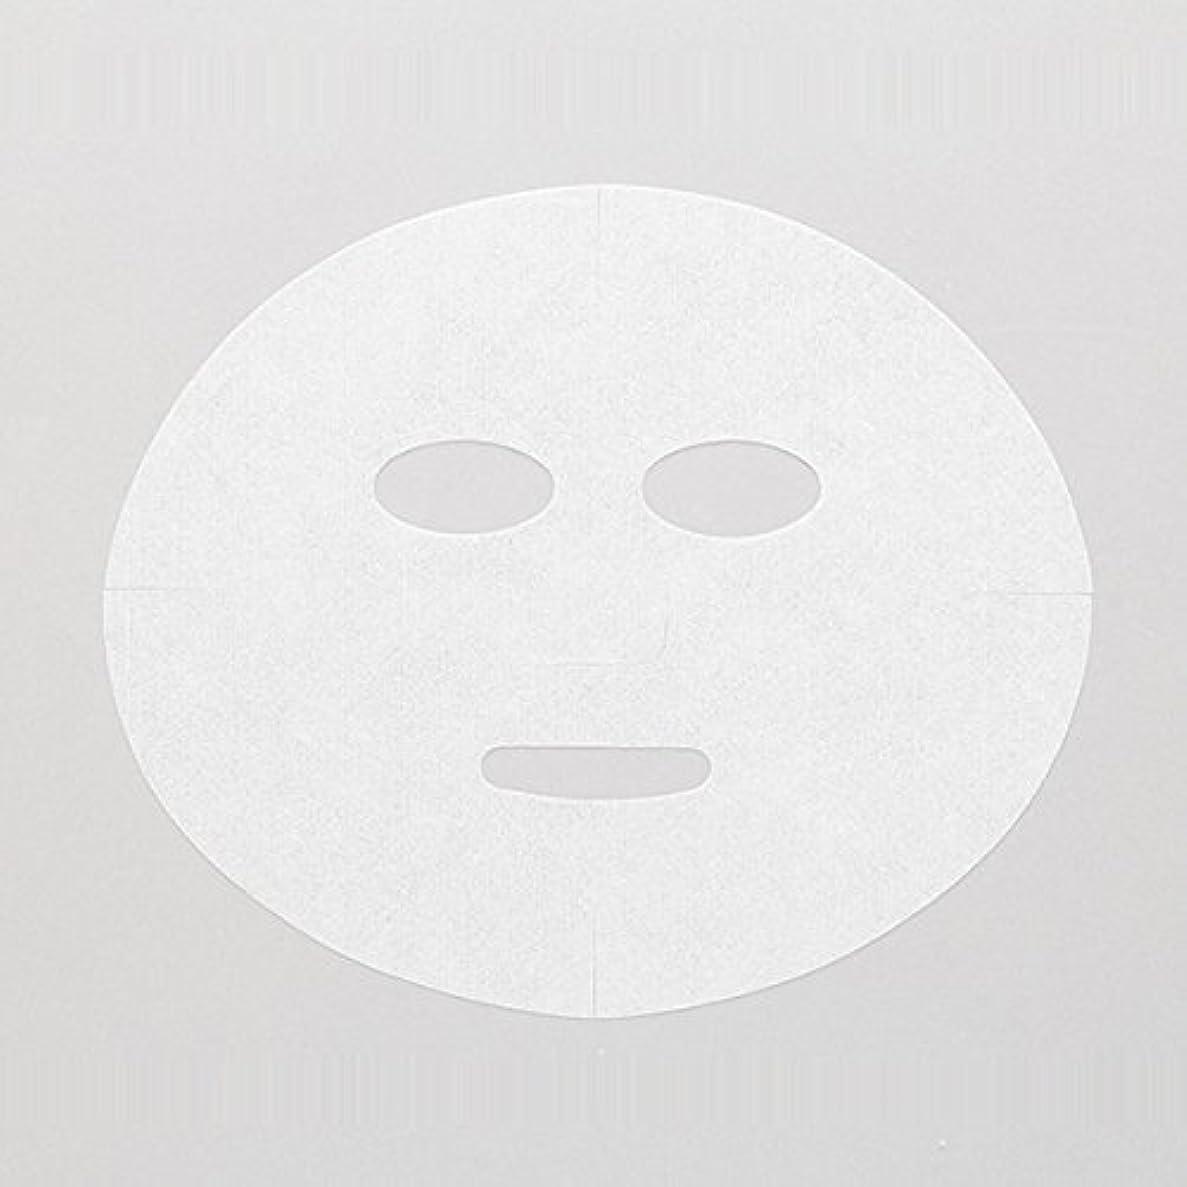 ロデオオーケストラ反乱高保水 フェイシャルシート (マスクタイプ 化粧水無) 80枚 24×20cm [ フェイスマスク フェイスシート フェイスパック フェイシャルマスク シートマスク フェイシャルシート フェイシャルパック ローションマスク ローションパック ]